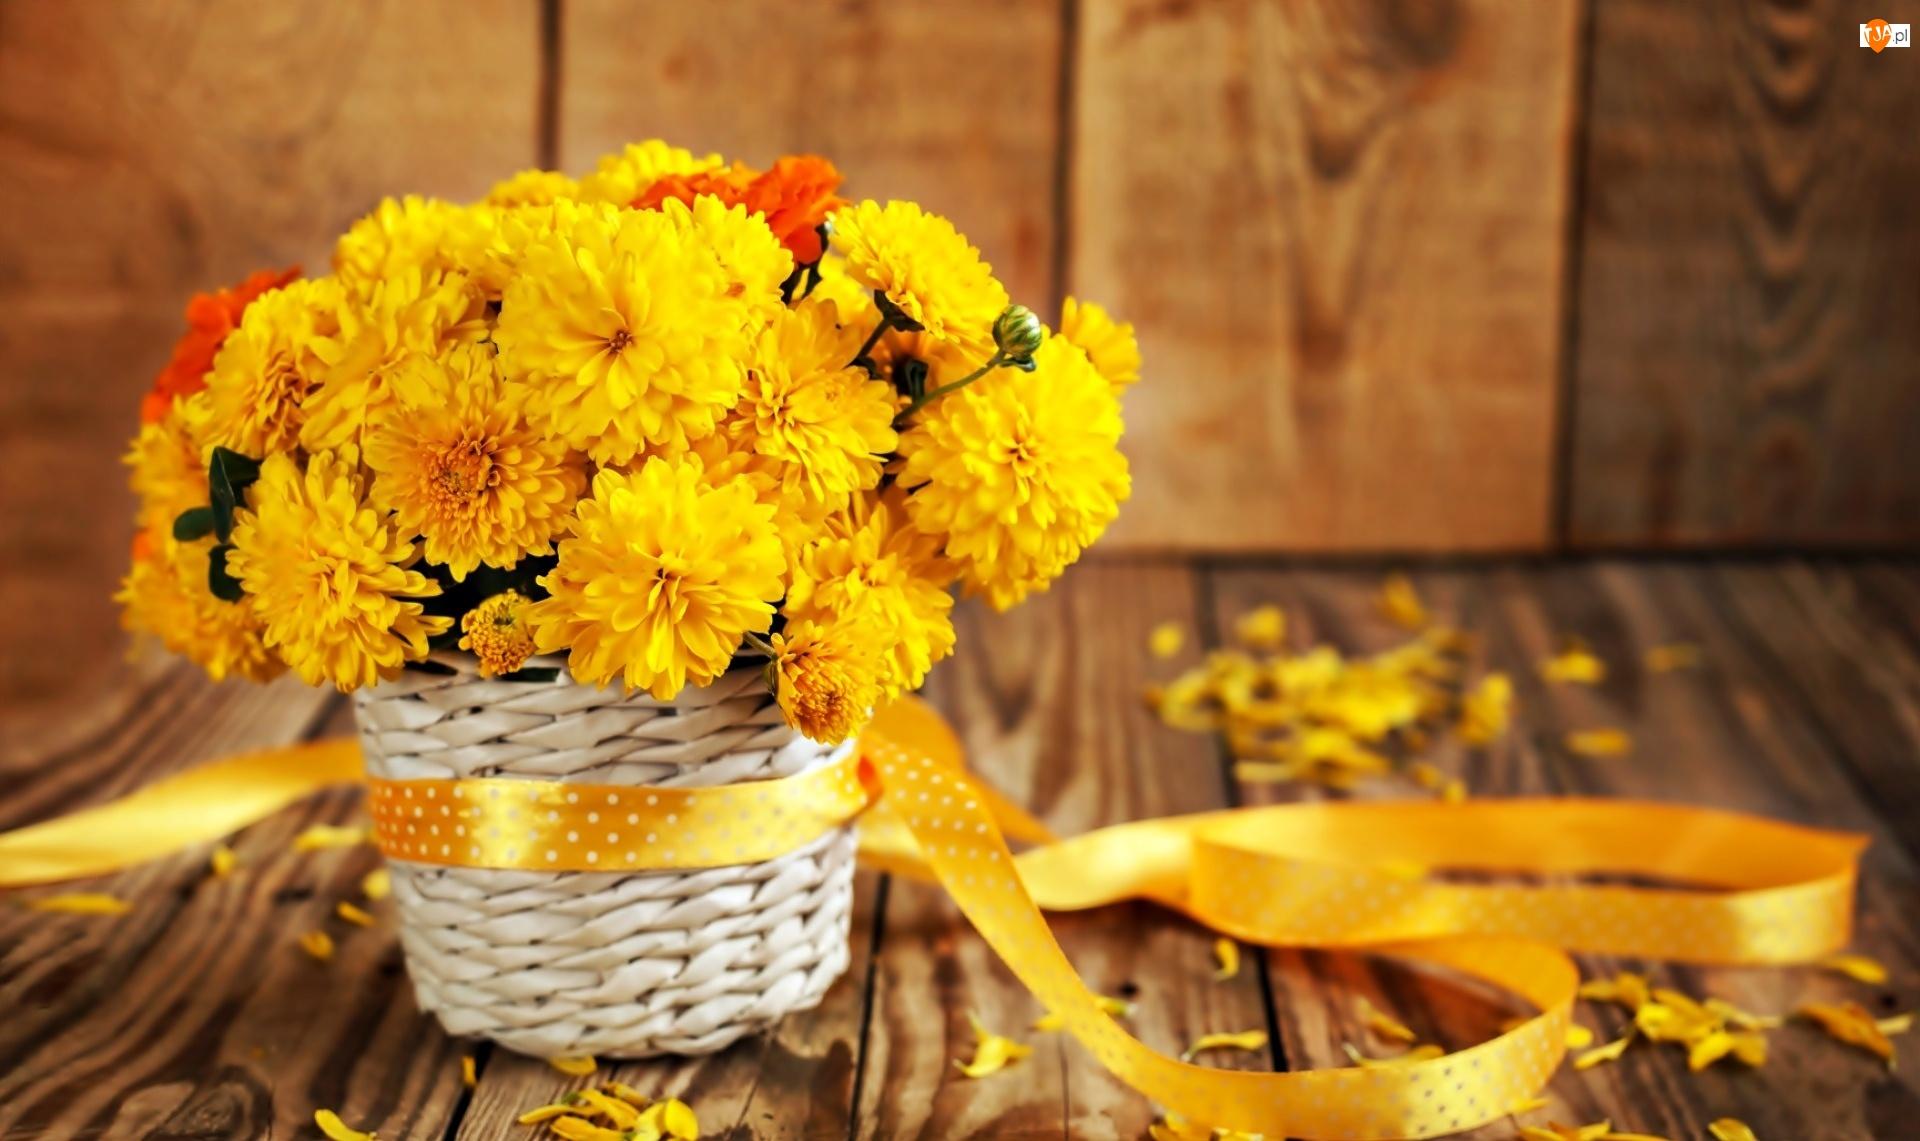 Wstążka, Chryzantemy, Kwiatów, Bukiet, Płatki, Żółte, Koszyczek